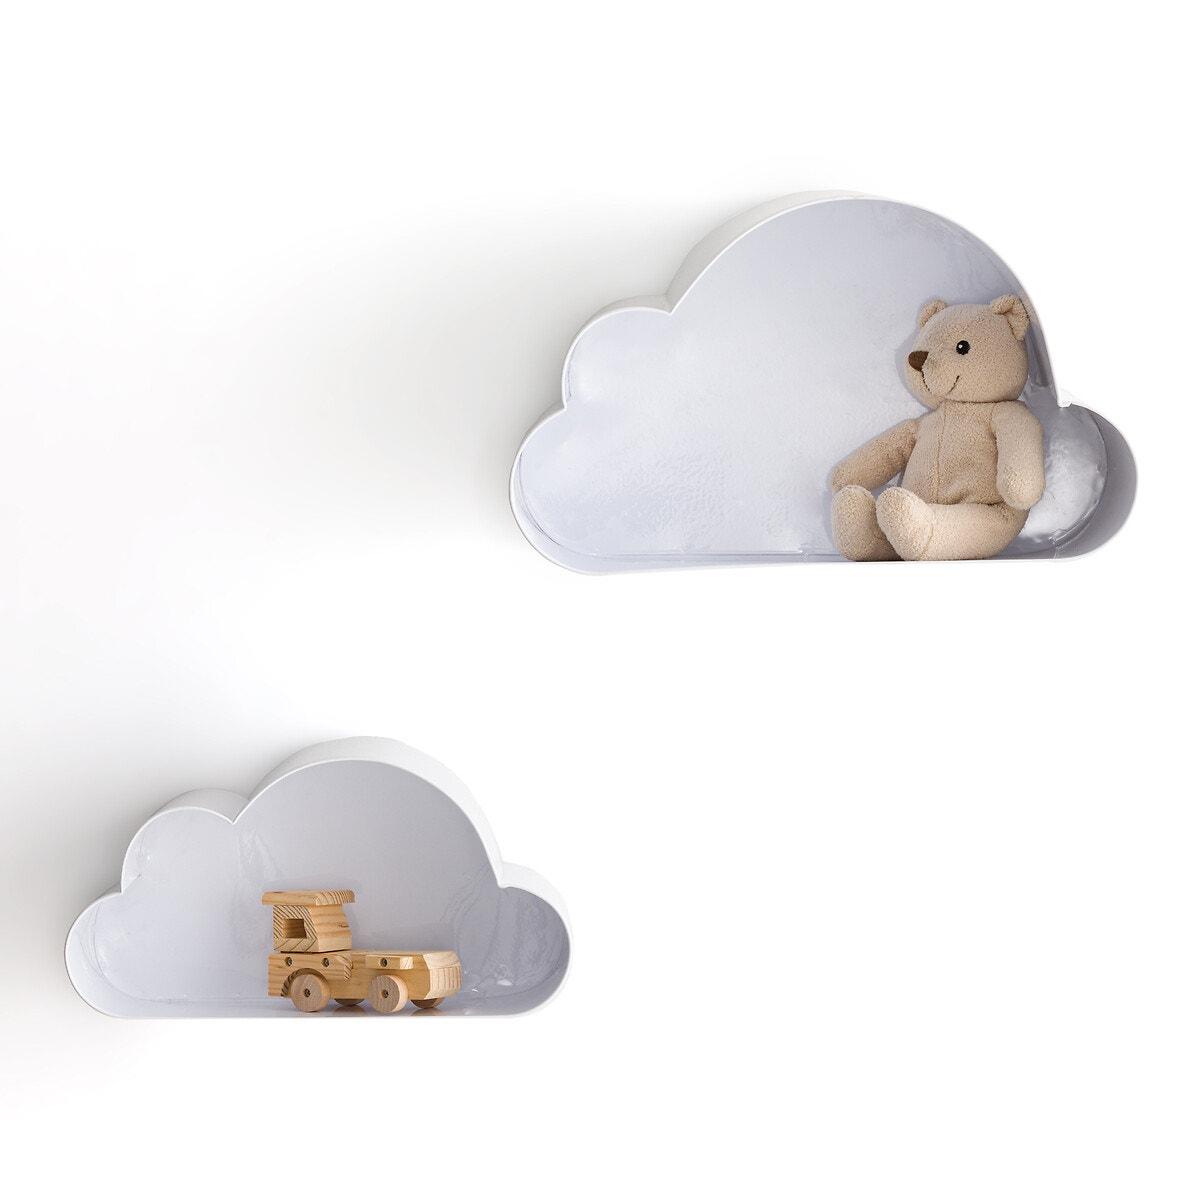 Ράφια τοίχου σε σχήμα σύννεφου Spacielle (σετ των 2) σπιτι   διακόσμηση   οργάνωση γραφείου